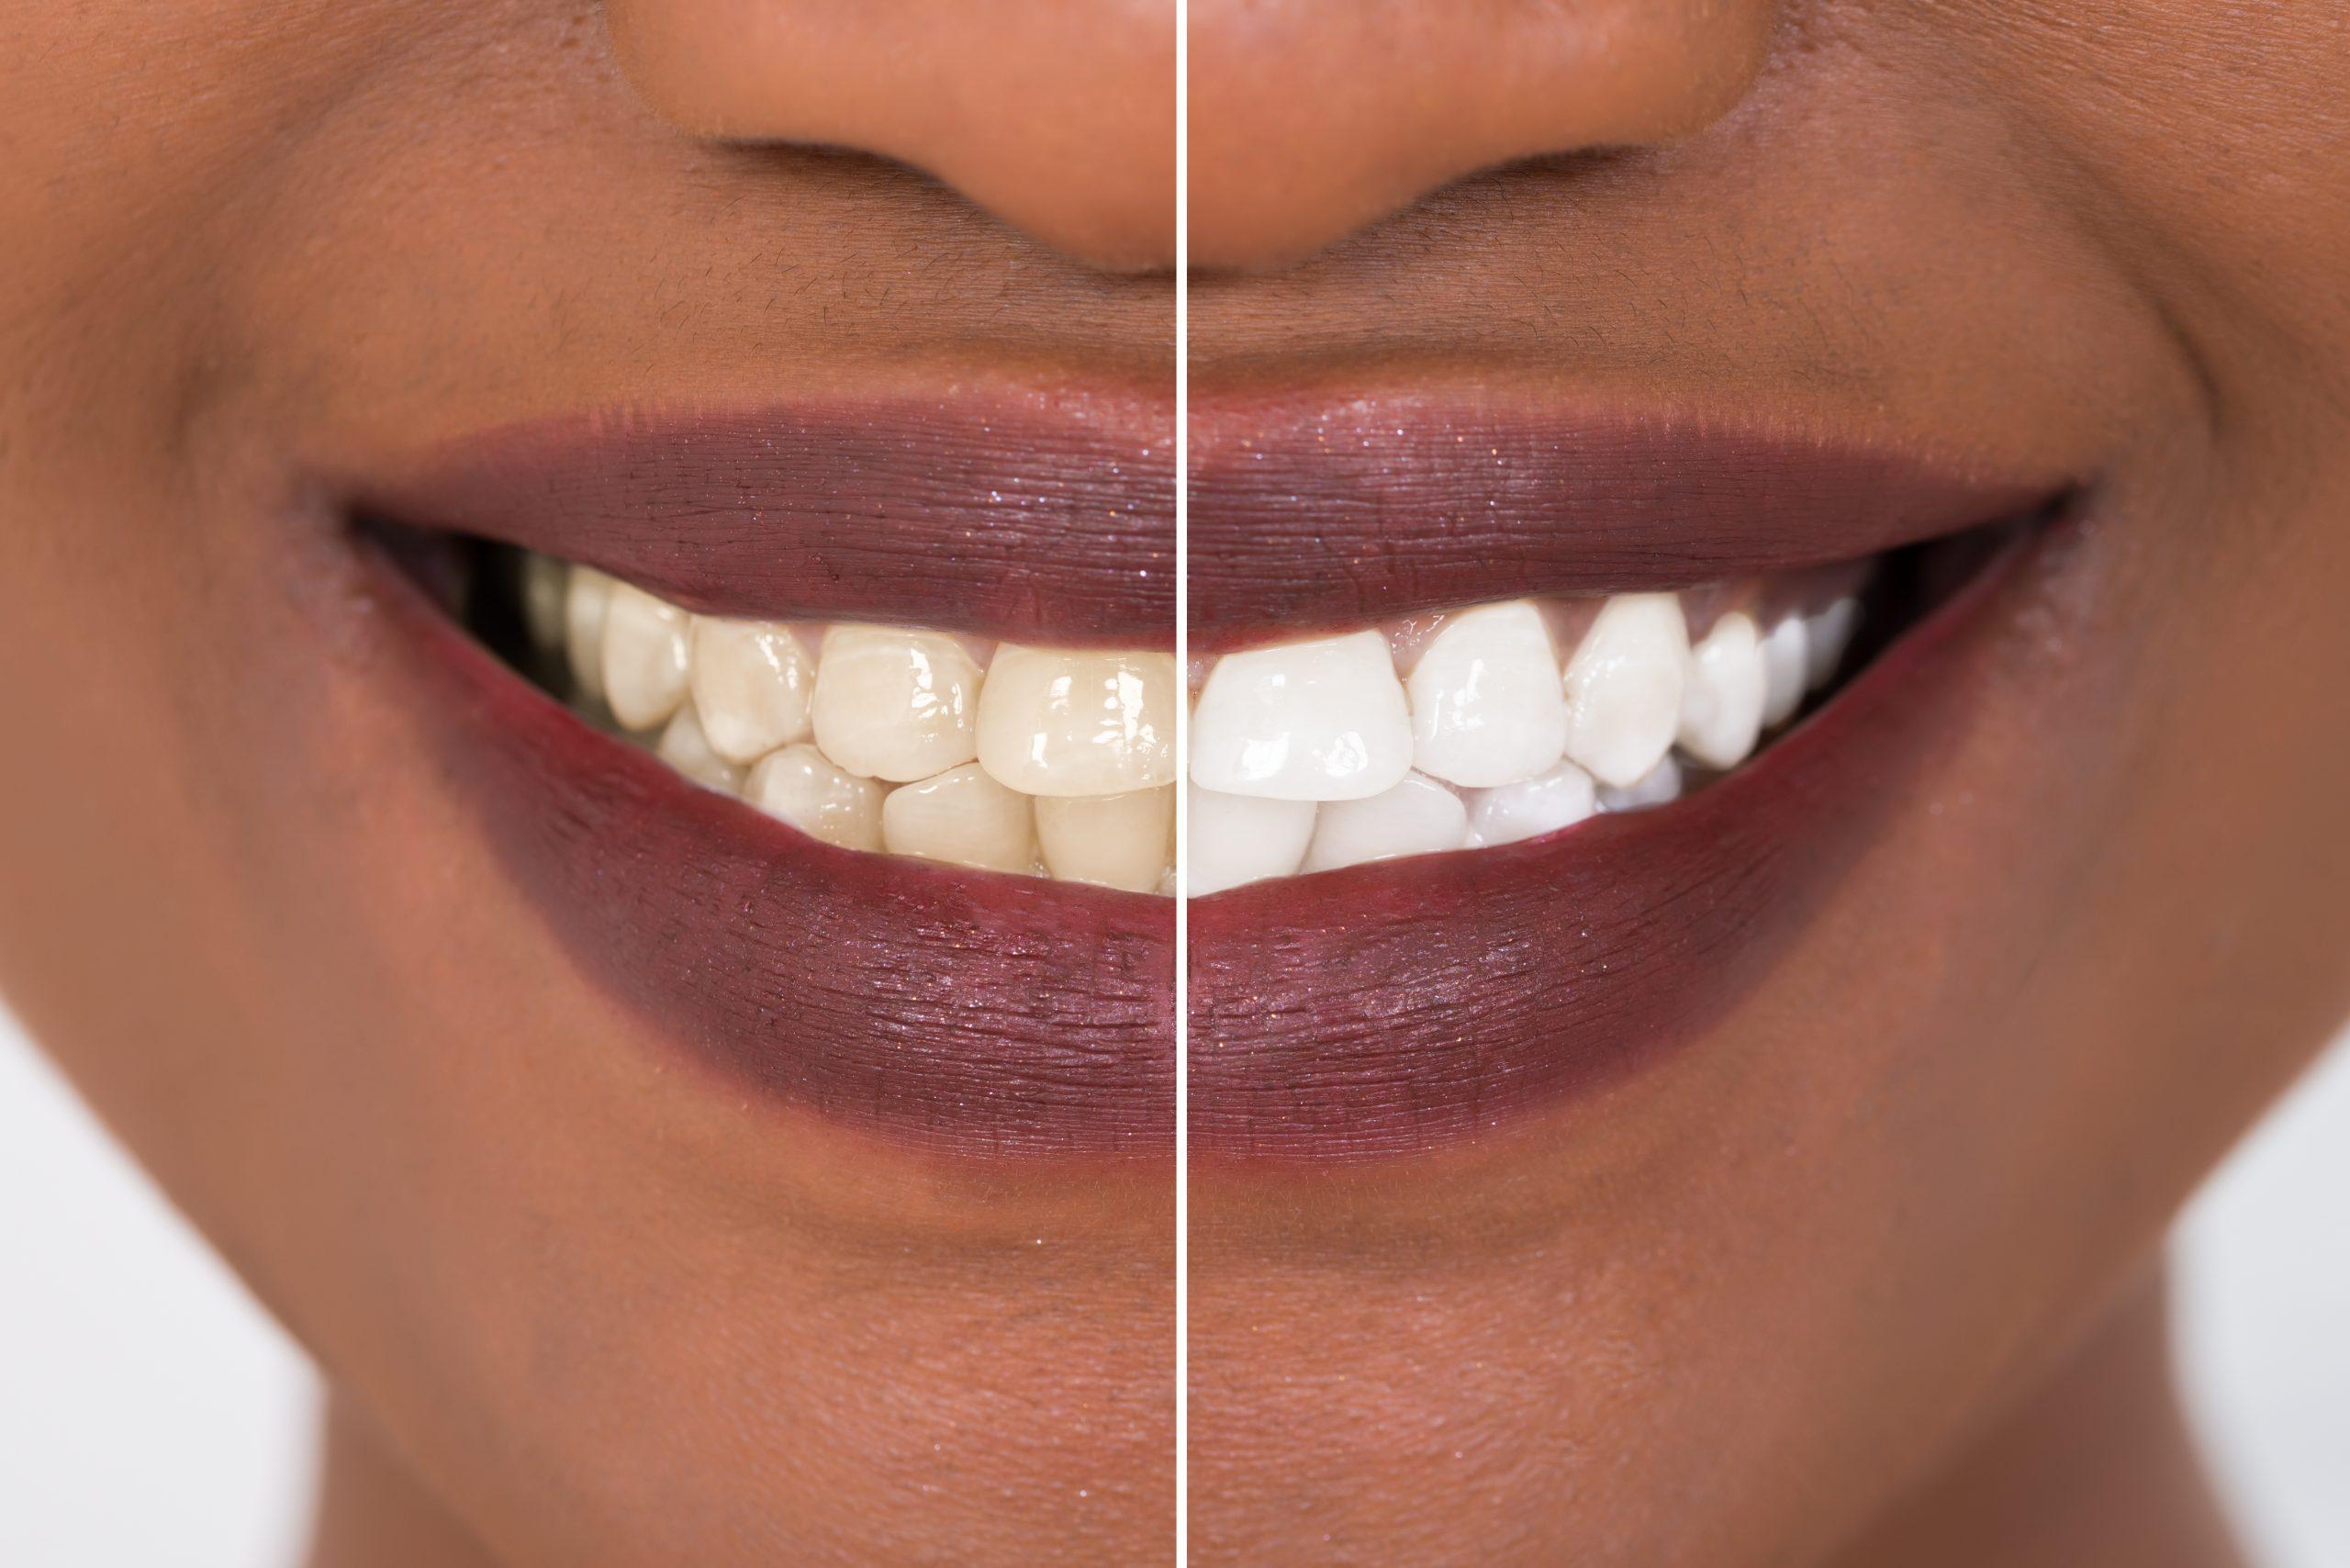 syosset teeth whitening